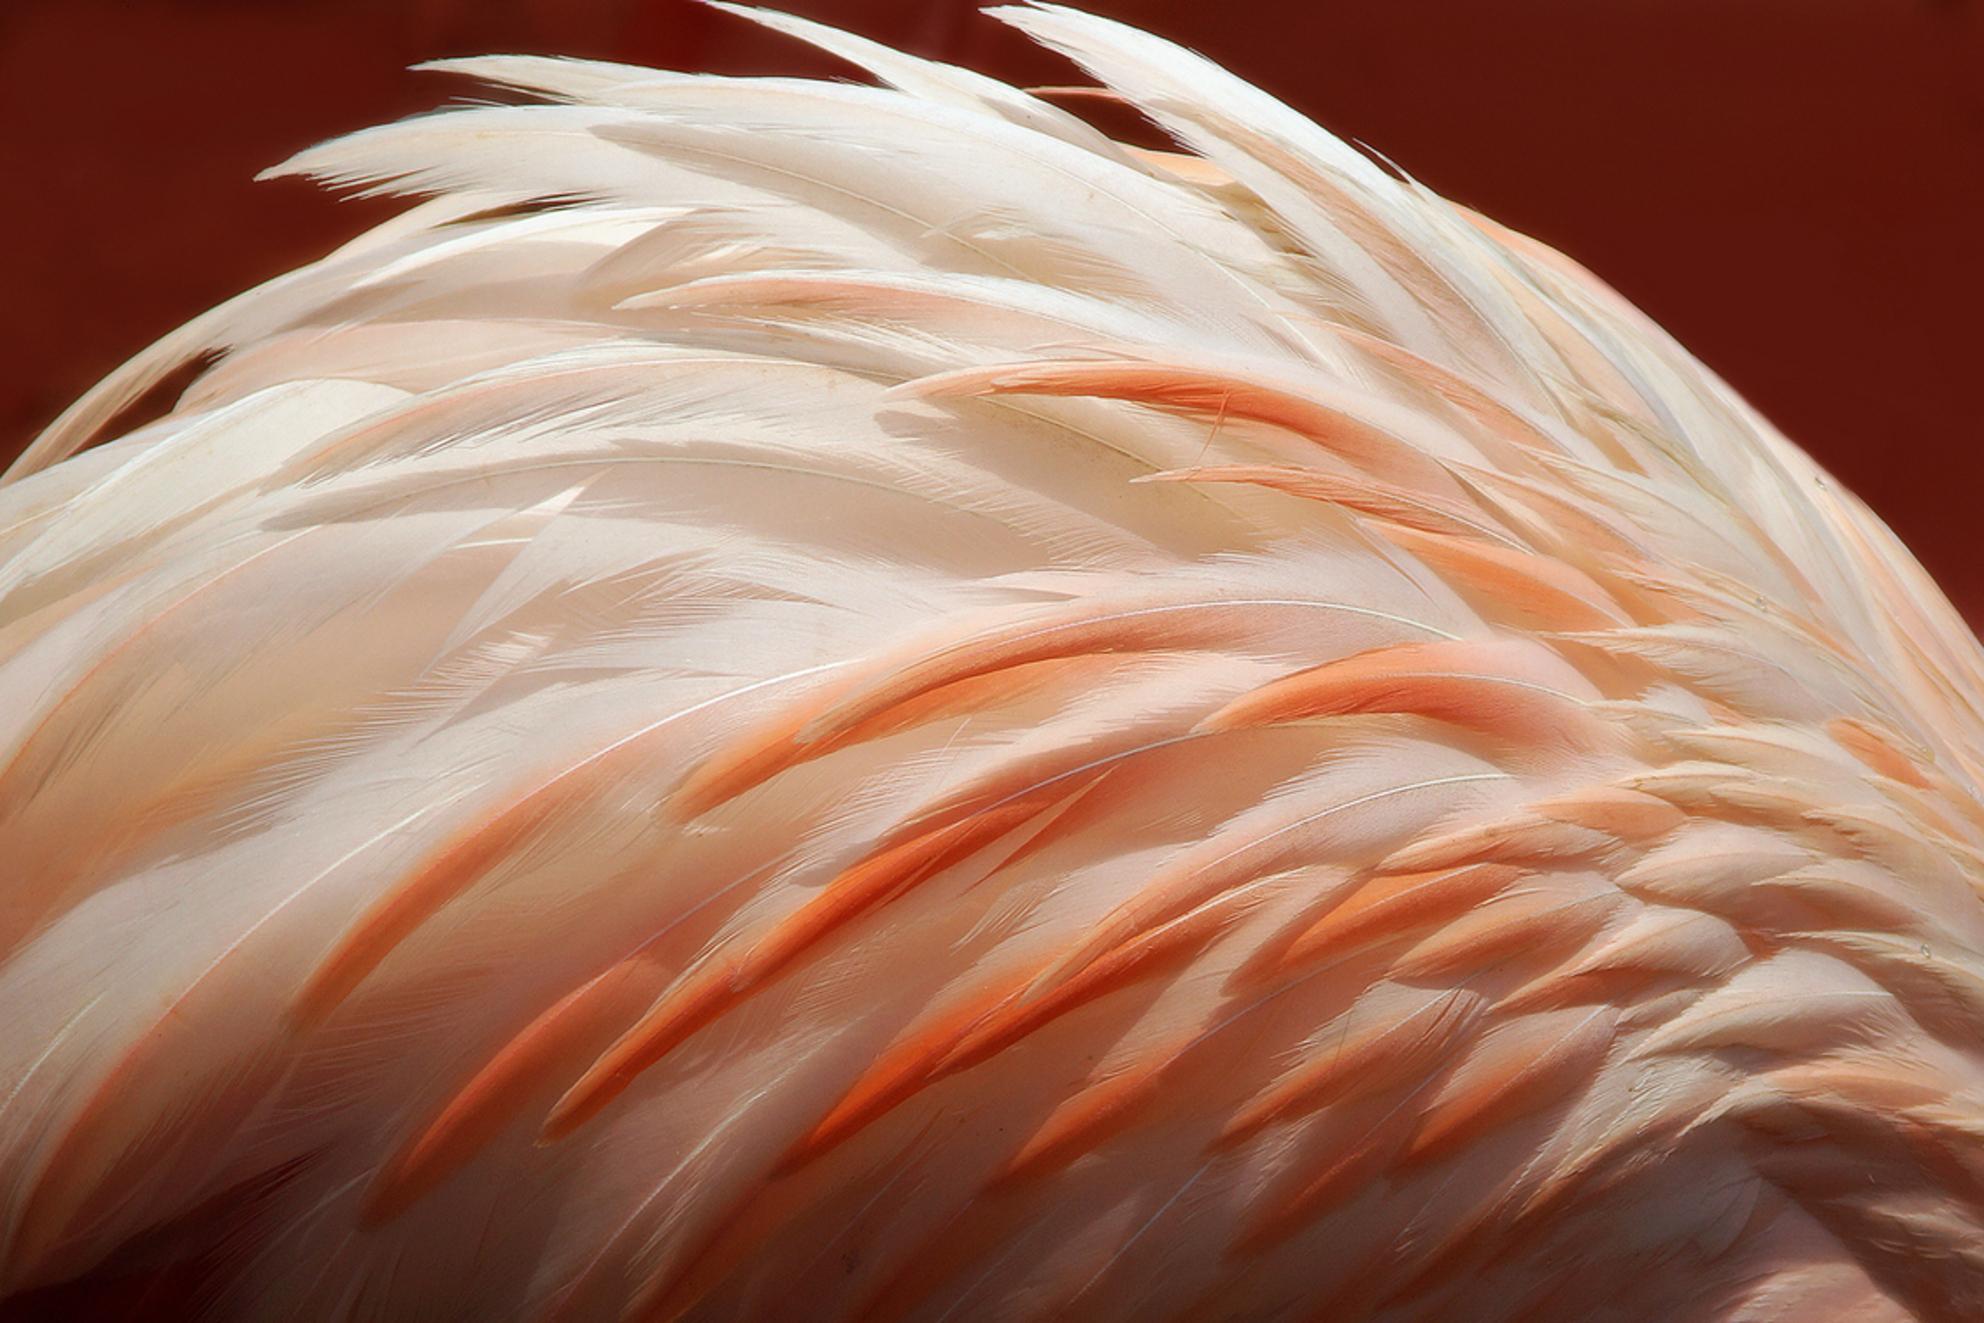 De Flamingo buigt - Nog eentje van Jungle Park Aguilas op Tenerife.   Eens geen hele flamingo geschoten, maar alleen de kromming van de rug bij het drinken. Het goede  - foto door mdl50 op 19-07-2012 - deze foto bevat: roze, flamingo, veren, rose, cirkel, verenkleed